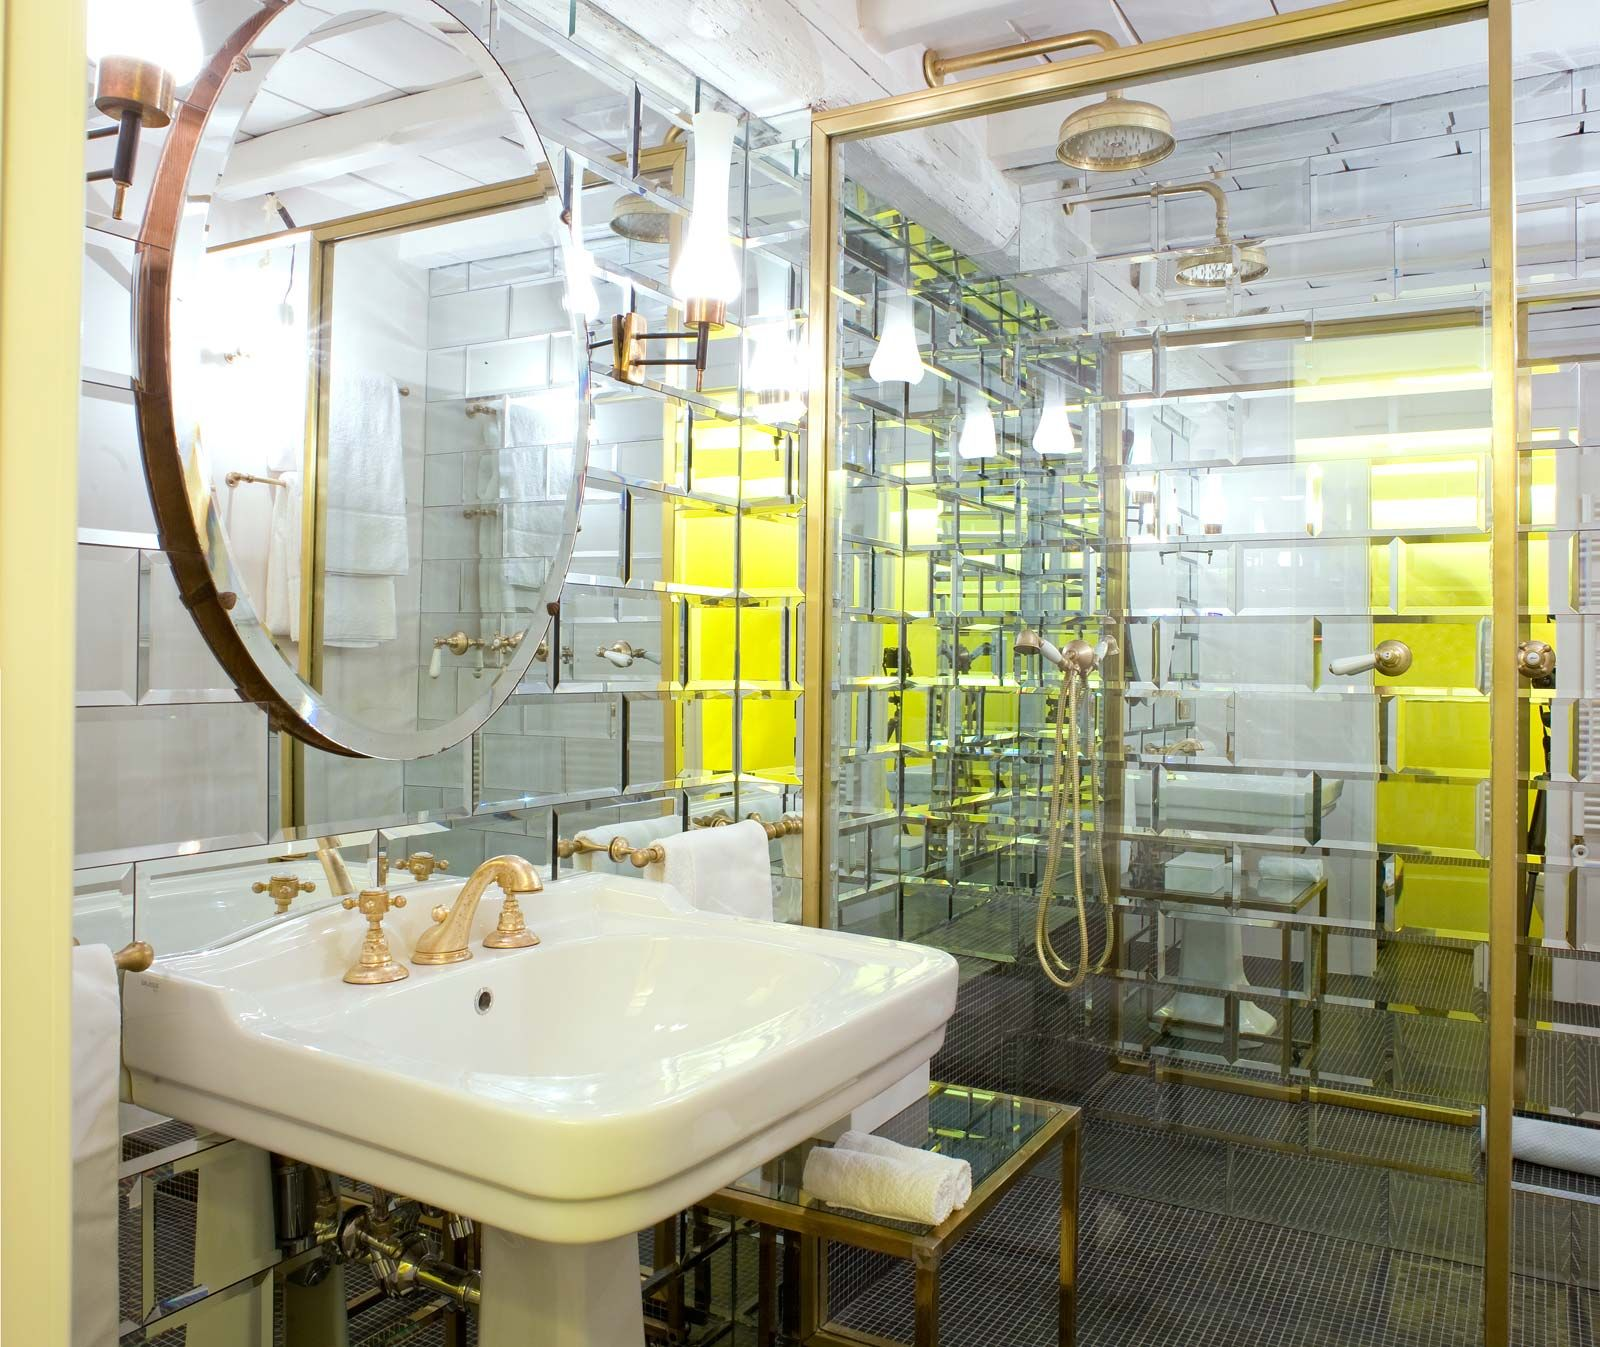 G rough luxury suites rome bathrooms hotel room design for G design hotel